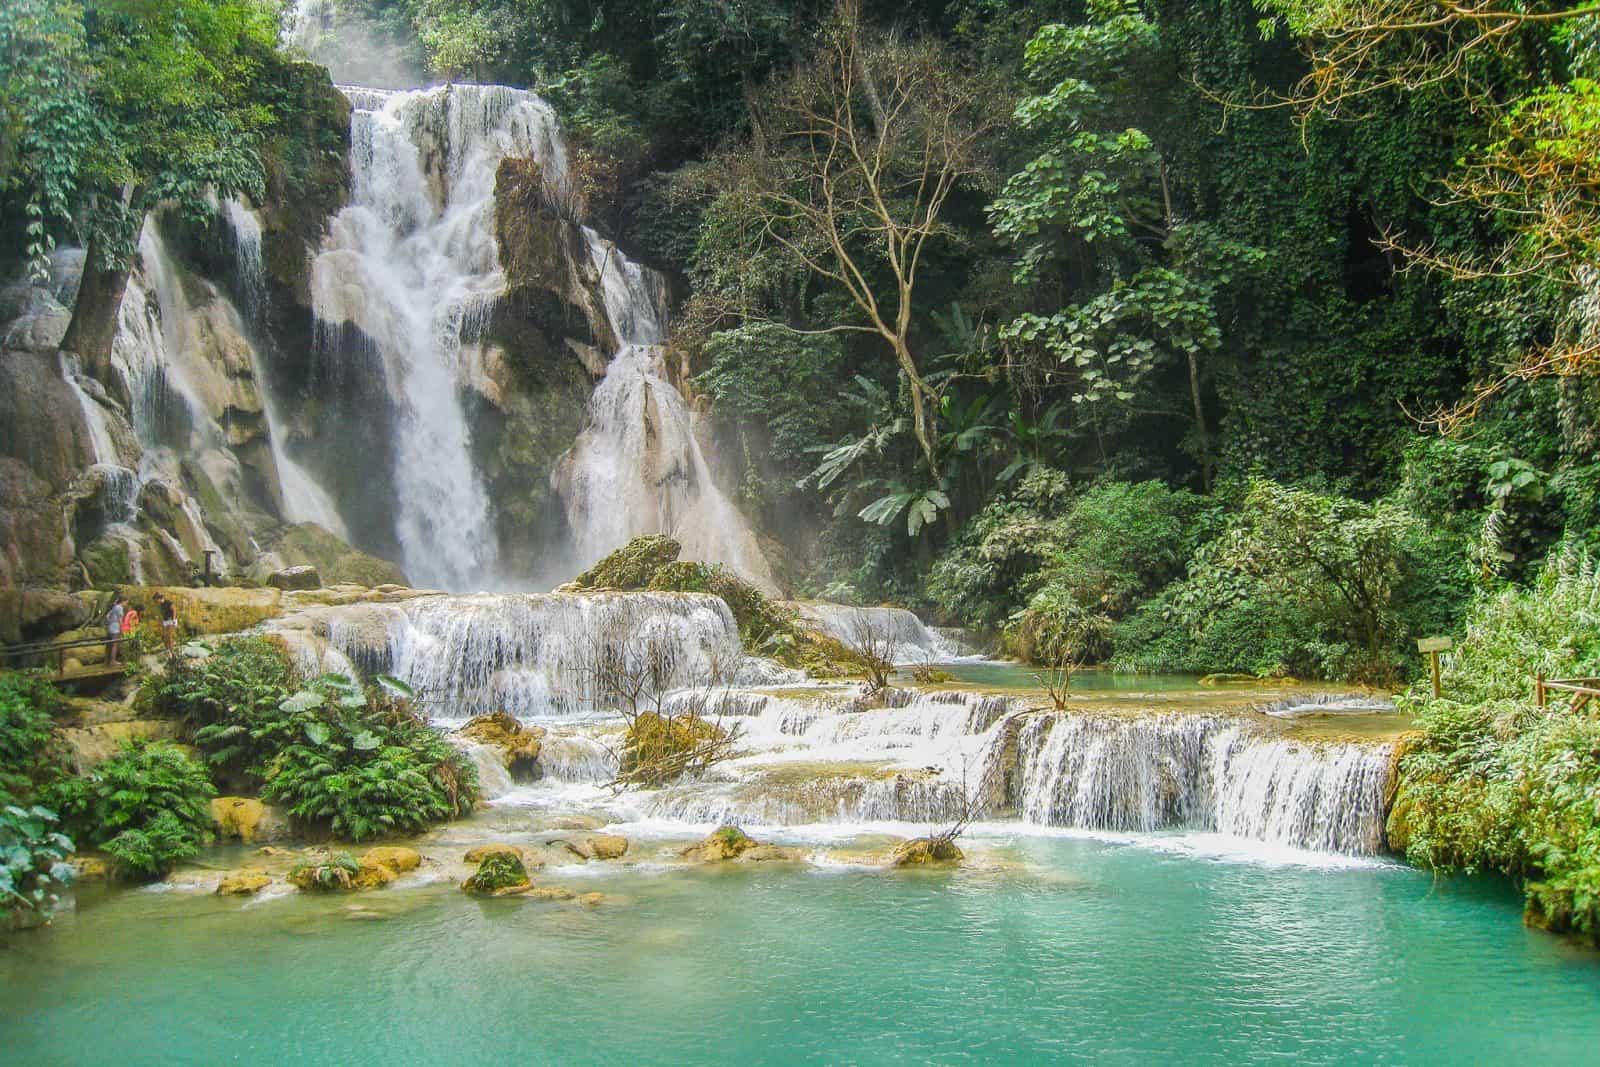 Kuang Si Falls, Luang Prabang: The Most Beautiful Waterfall